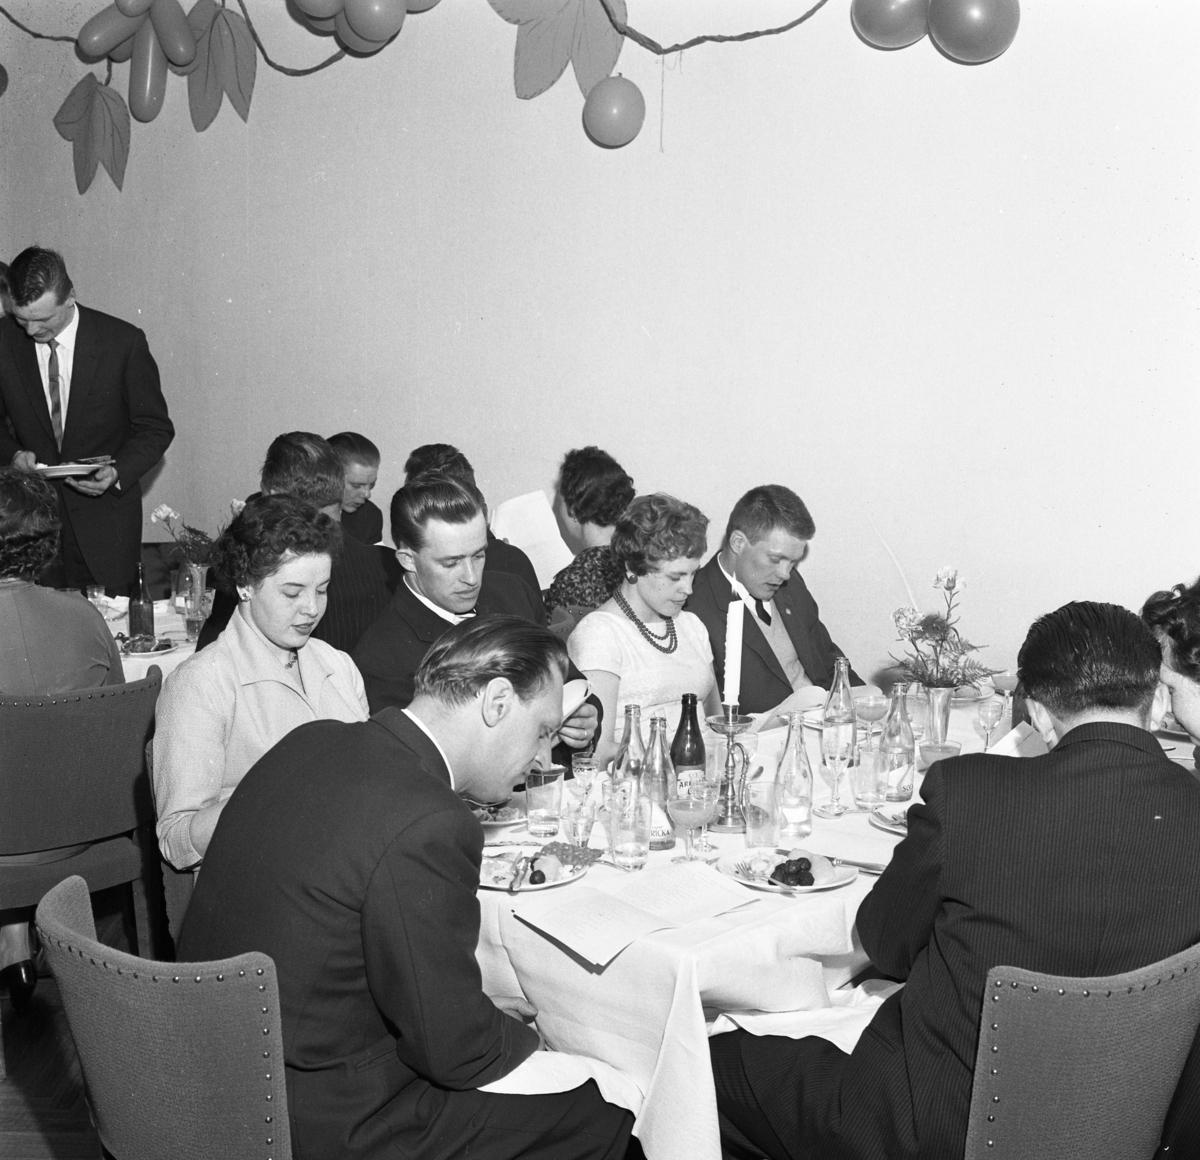 Elektrikerförbundets Arbogaavdelning firar jubileum. Uppklädda  män och kvinnor vid borden. Köttbullar och potatis på tallrikarna. Dekorationer på väggen.